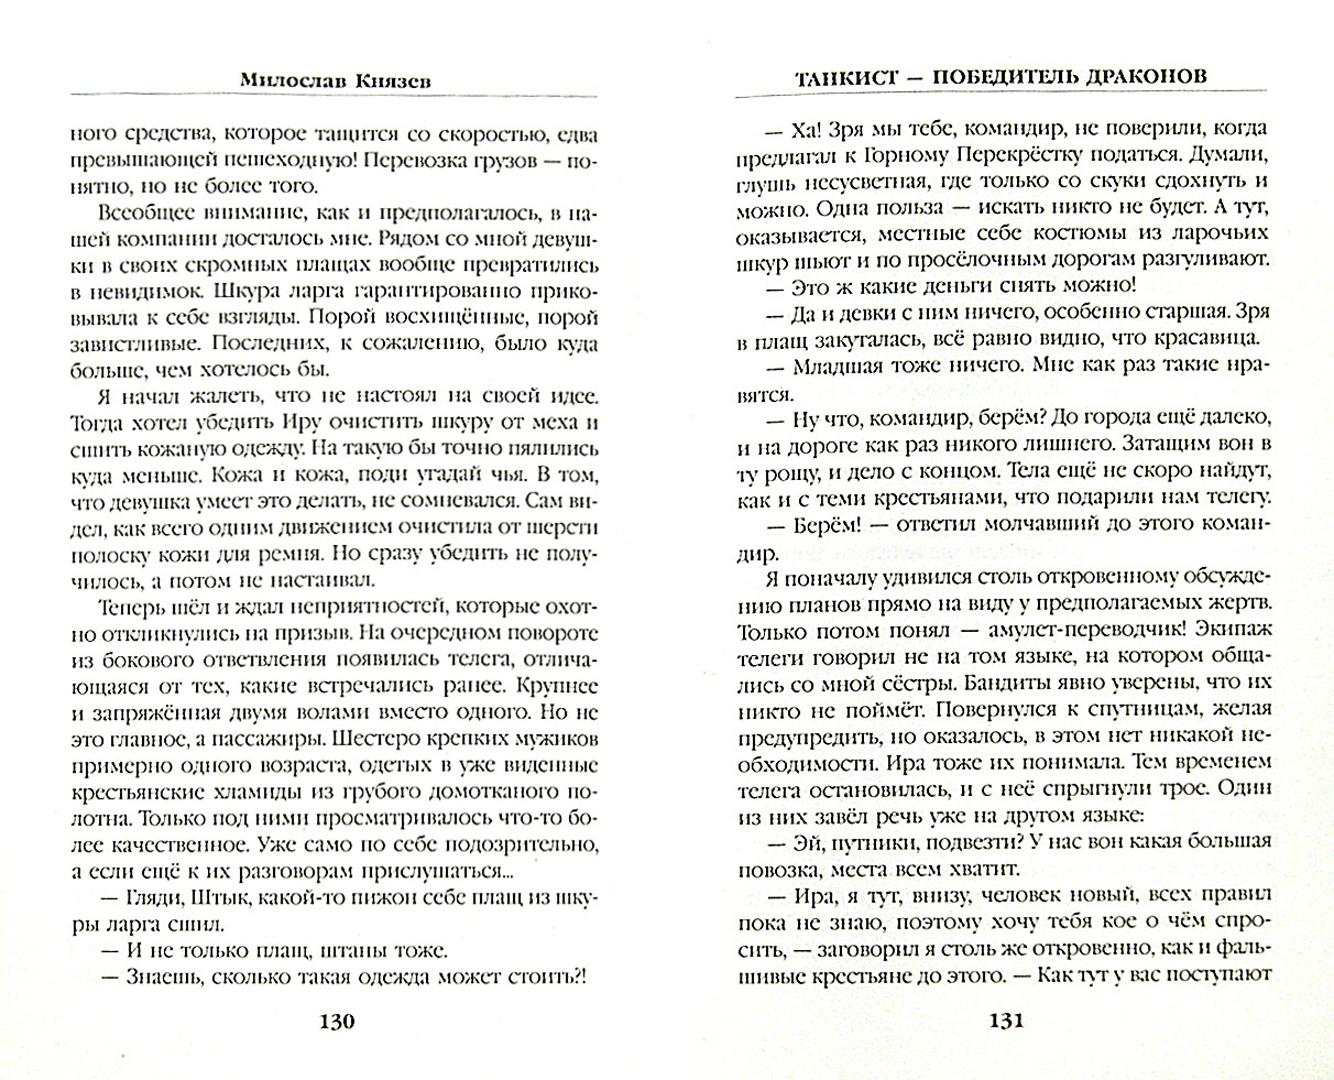 Иллюстрация 1 из 10 для Танкист - победитель драконов - Милослав Князев   Лабиринт - книги. Источник: Лабиринт